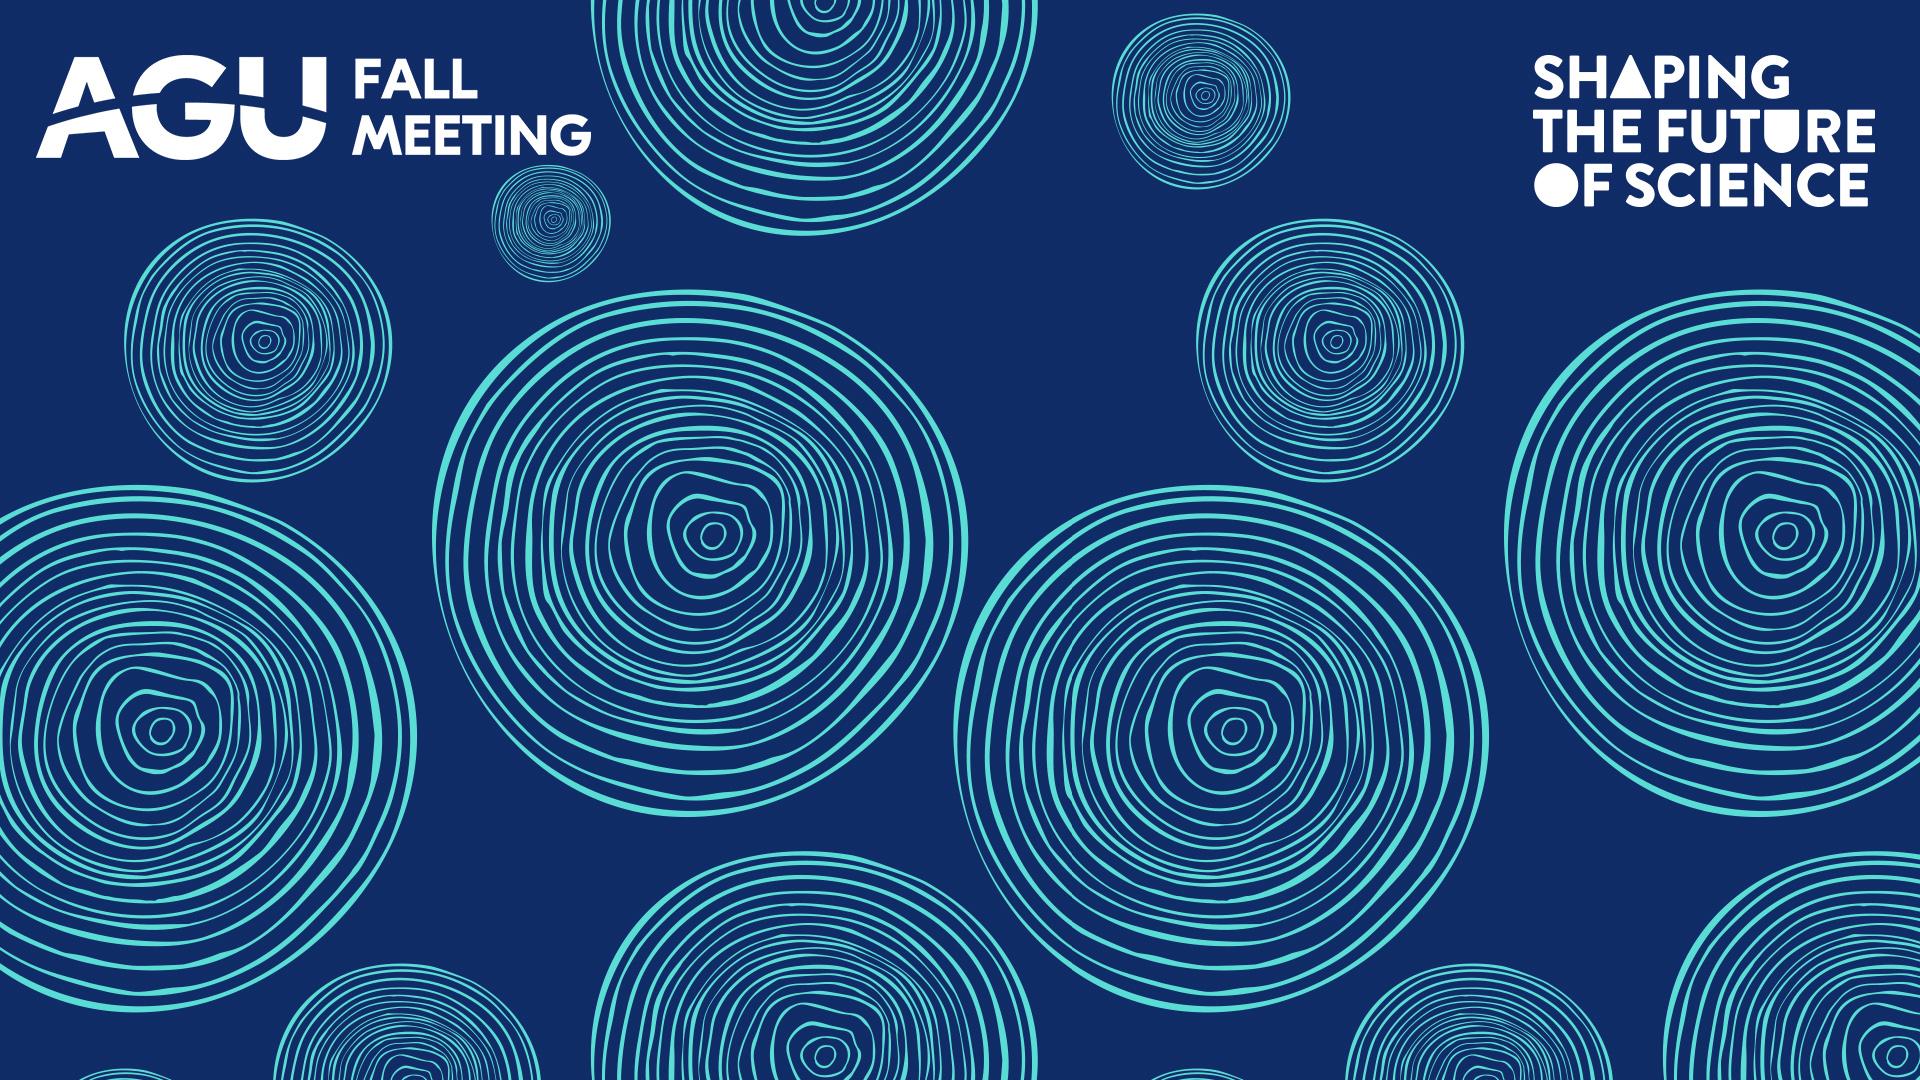 AGU Fall Meeting 2020